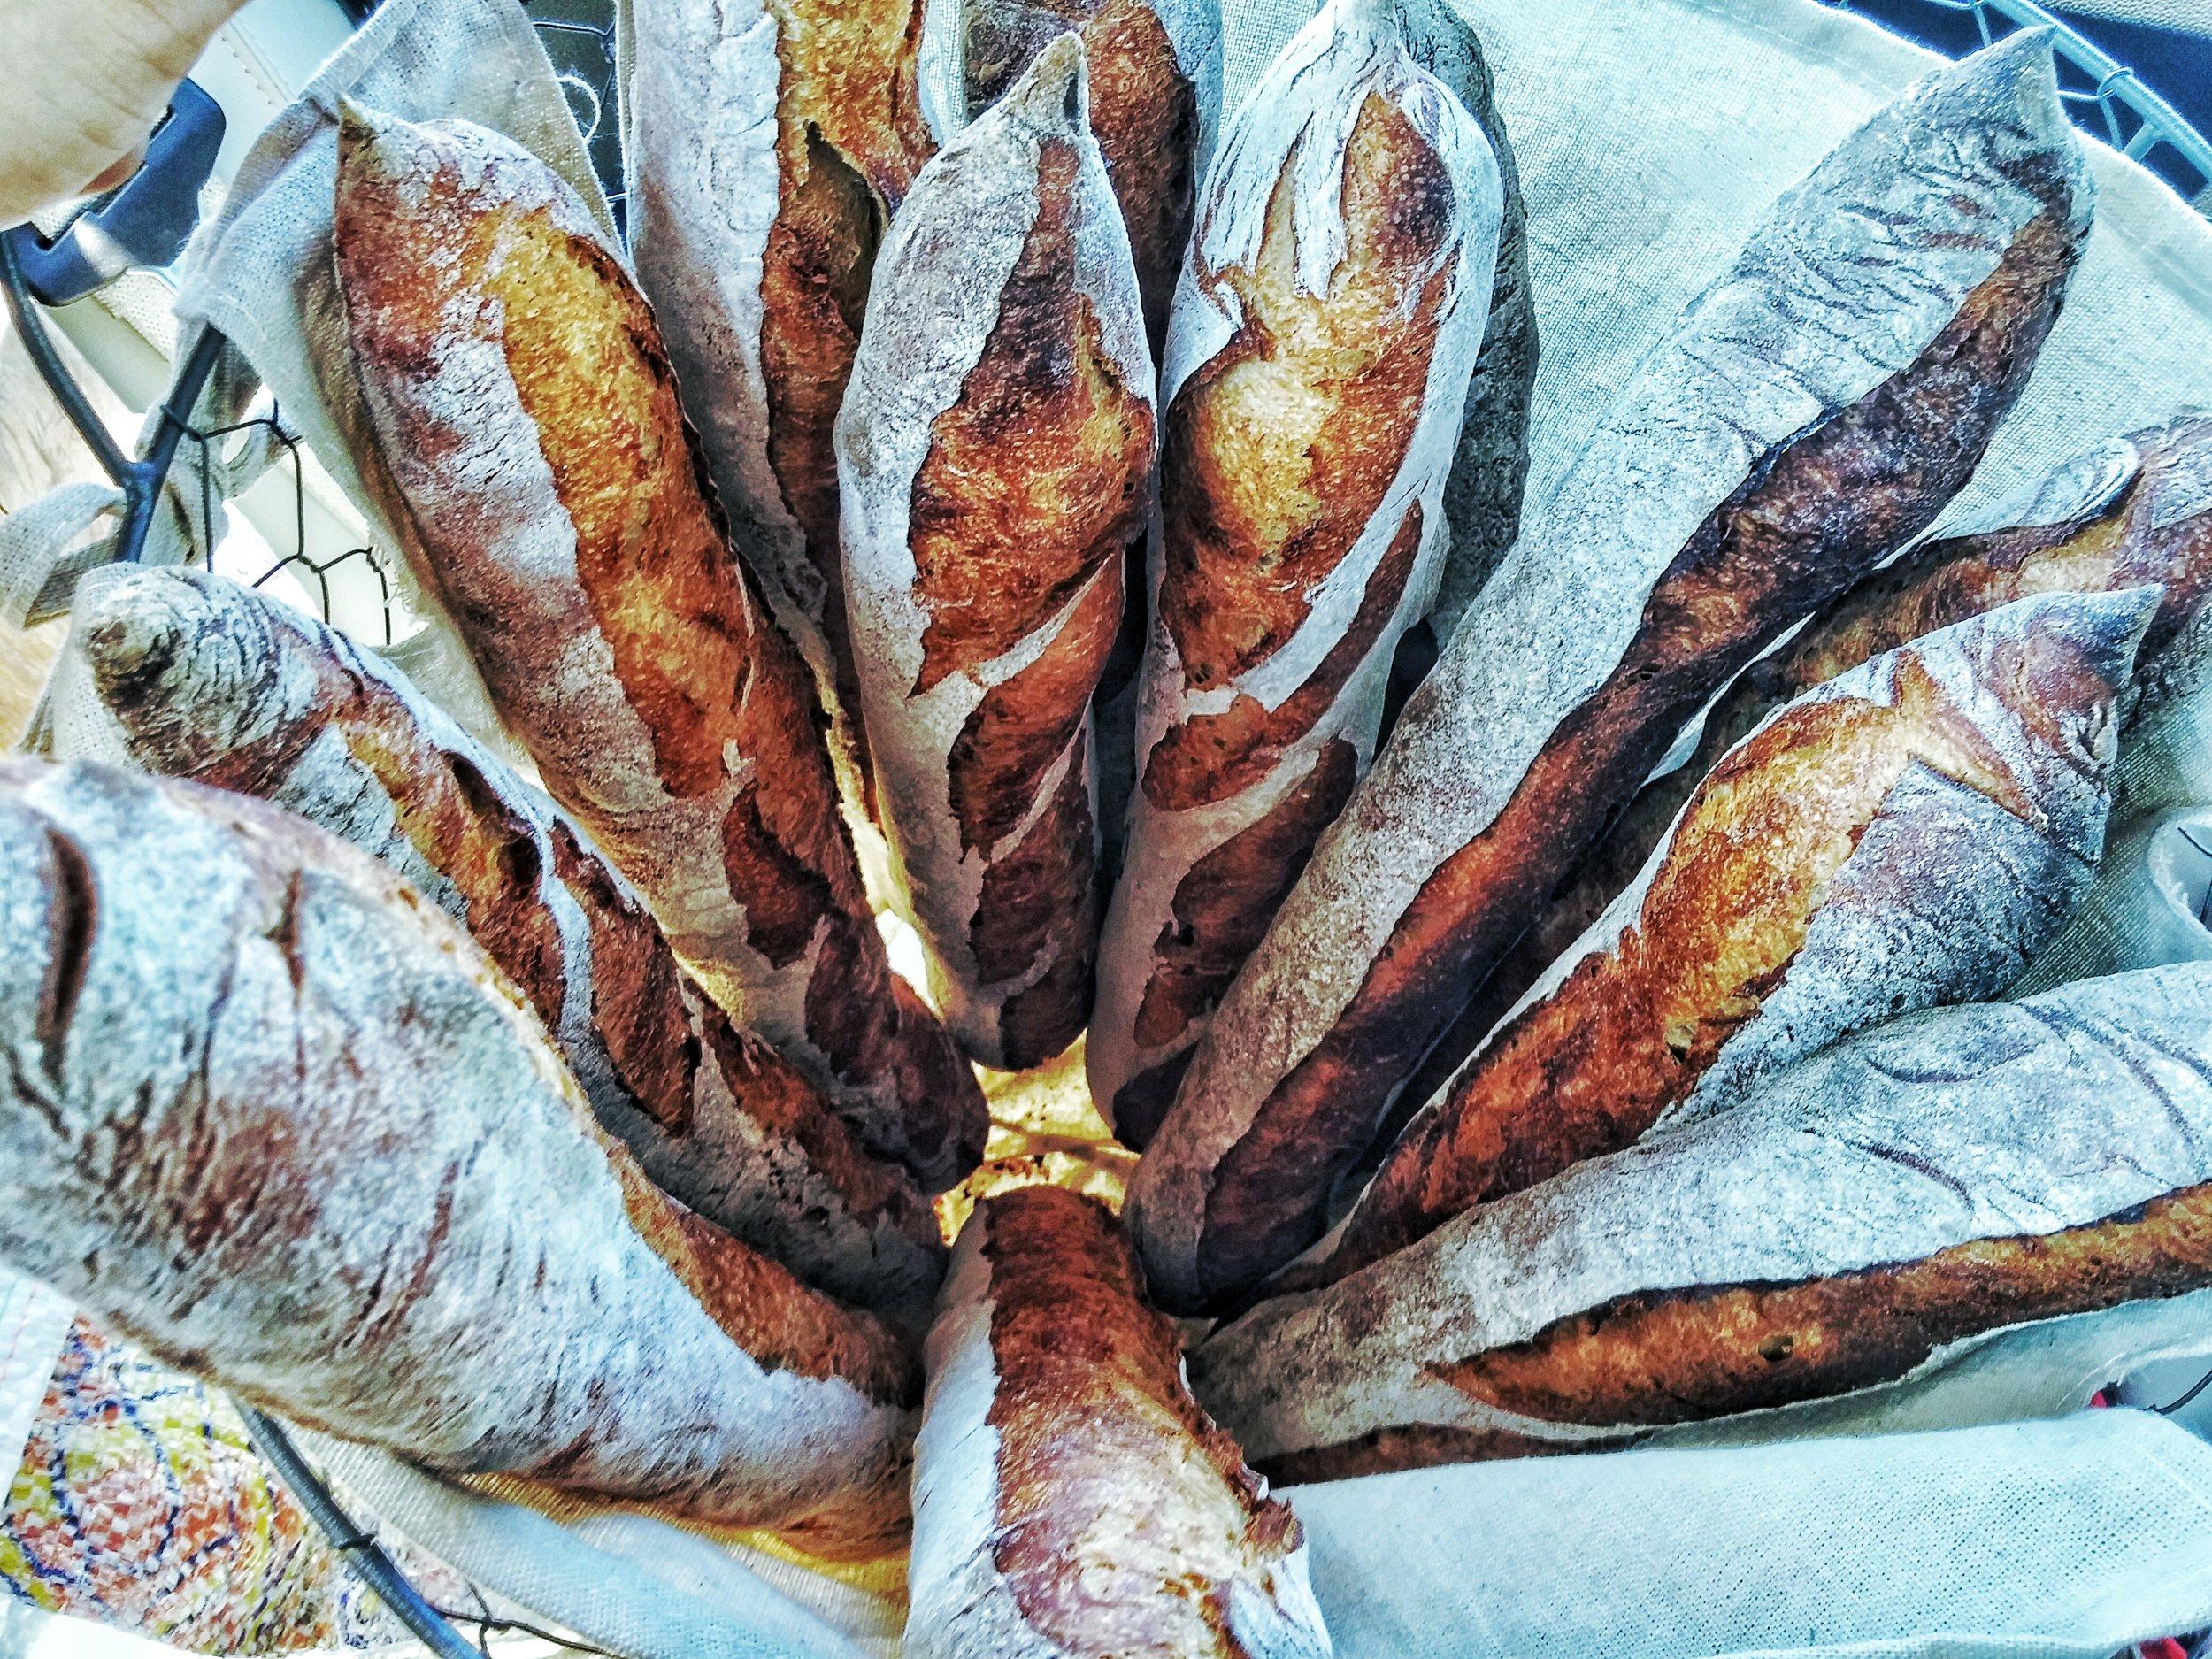 Mesquite baguettes